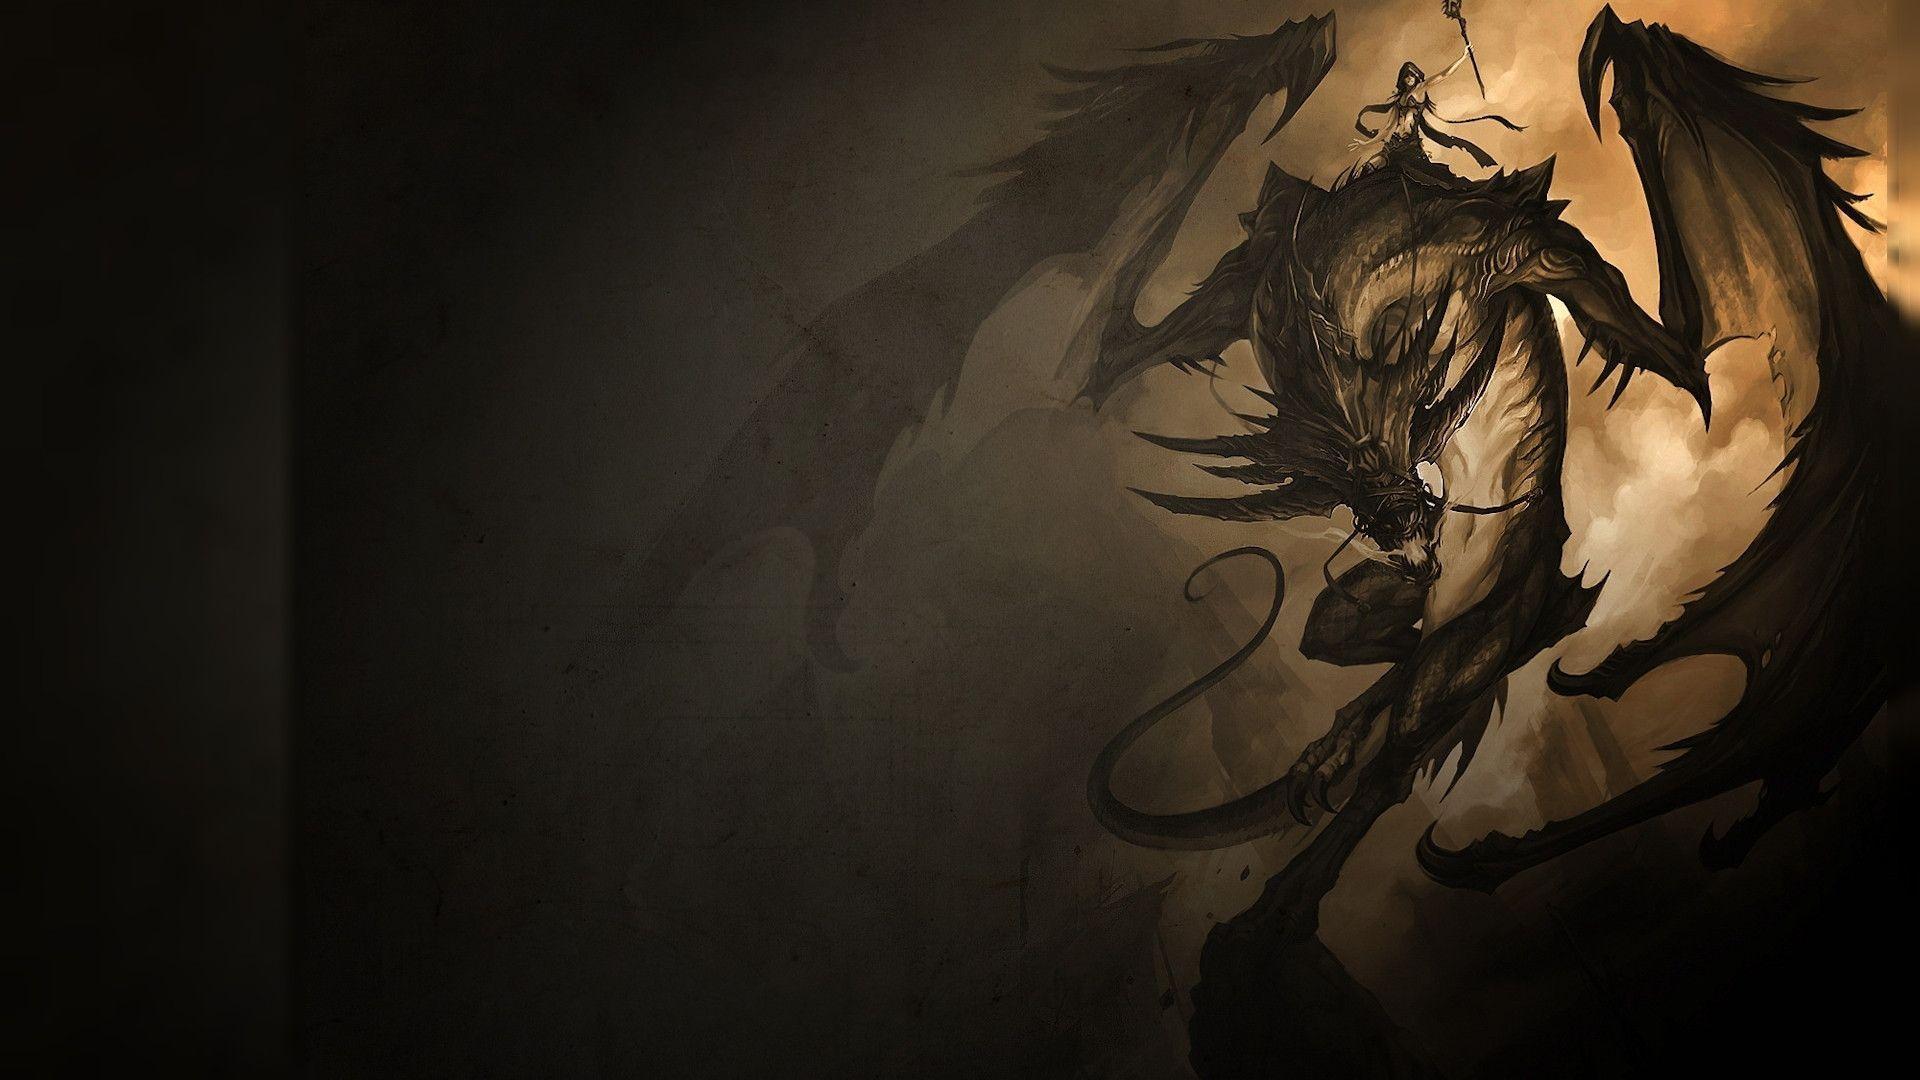 Dragon lore wallpaper wallpapersafari - Hd Jeep Wrangler Wallpaper